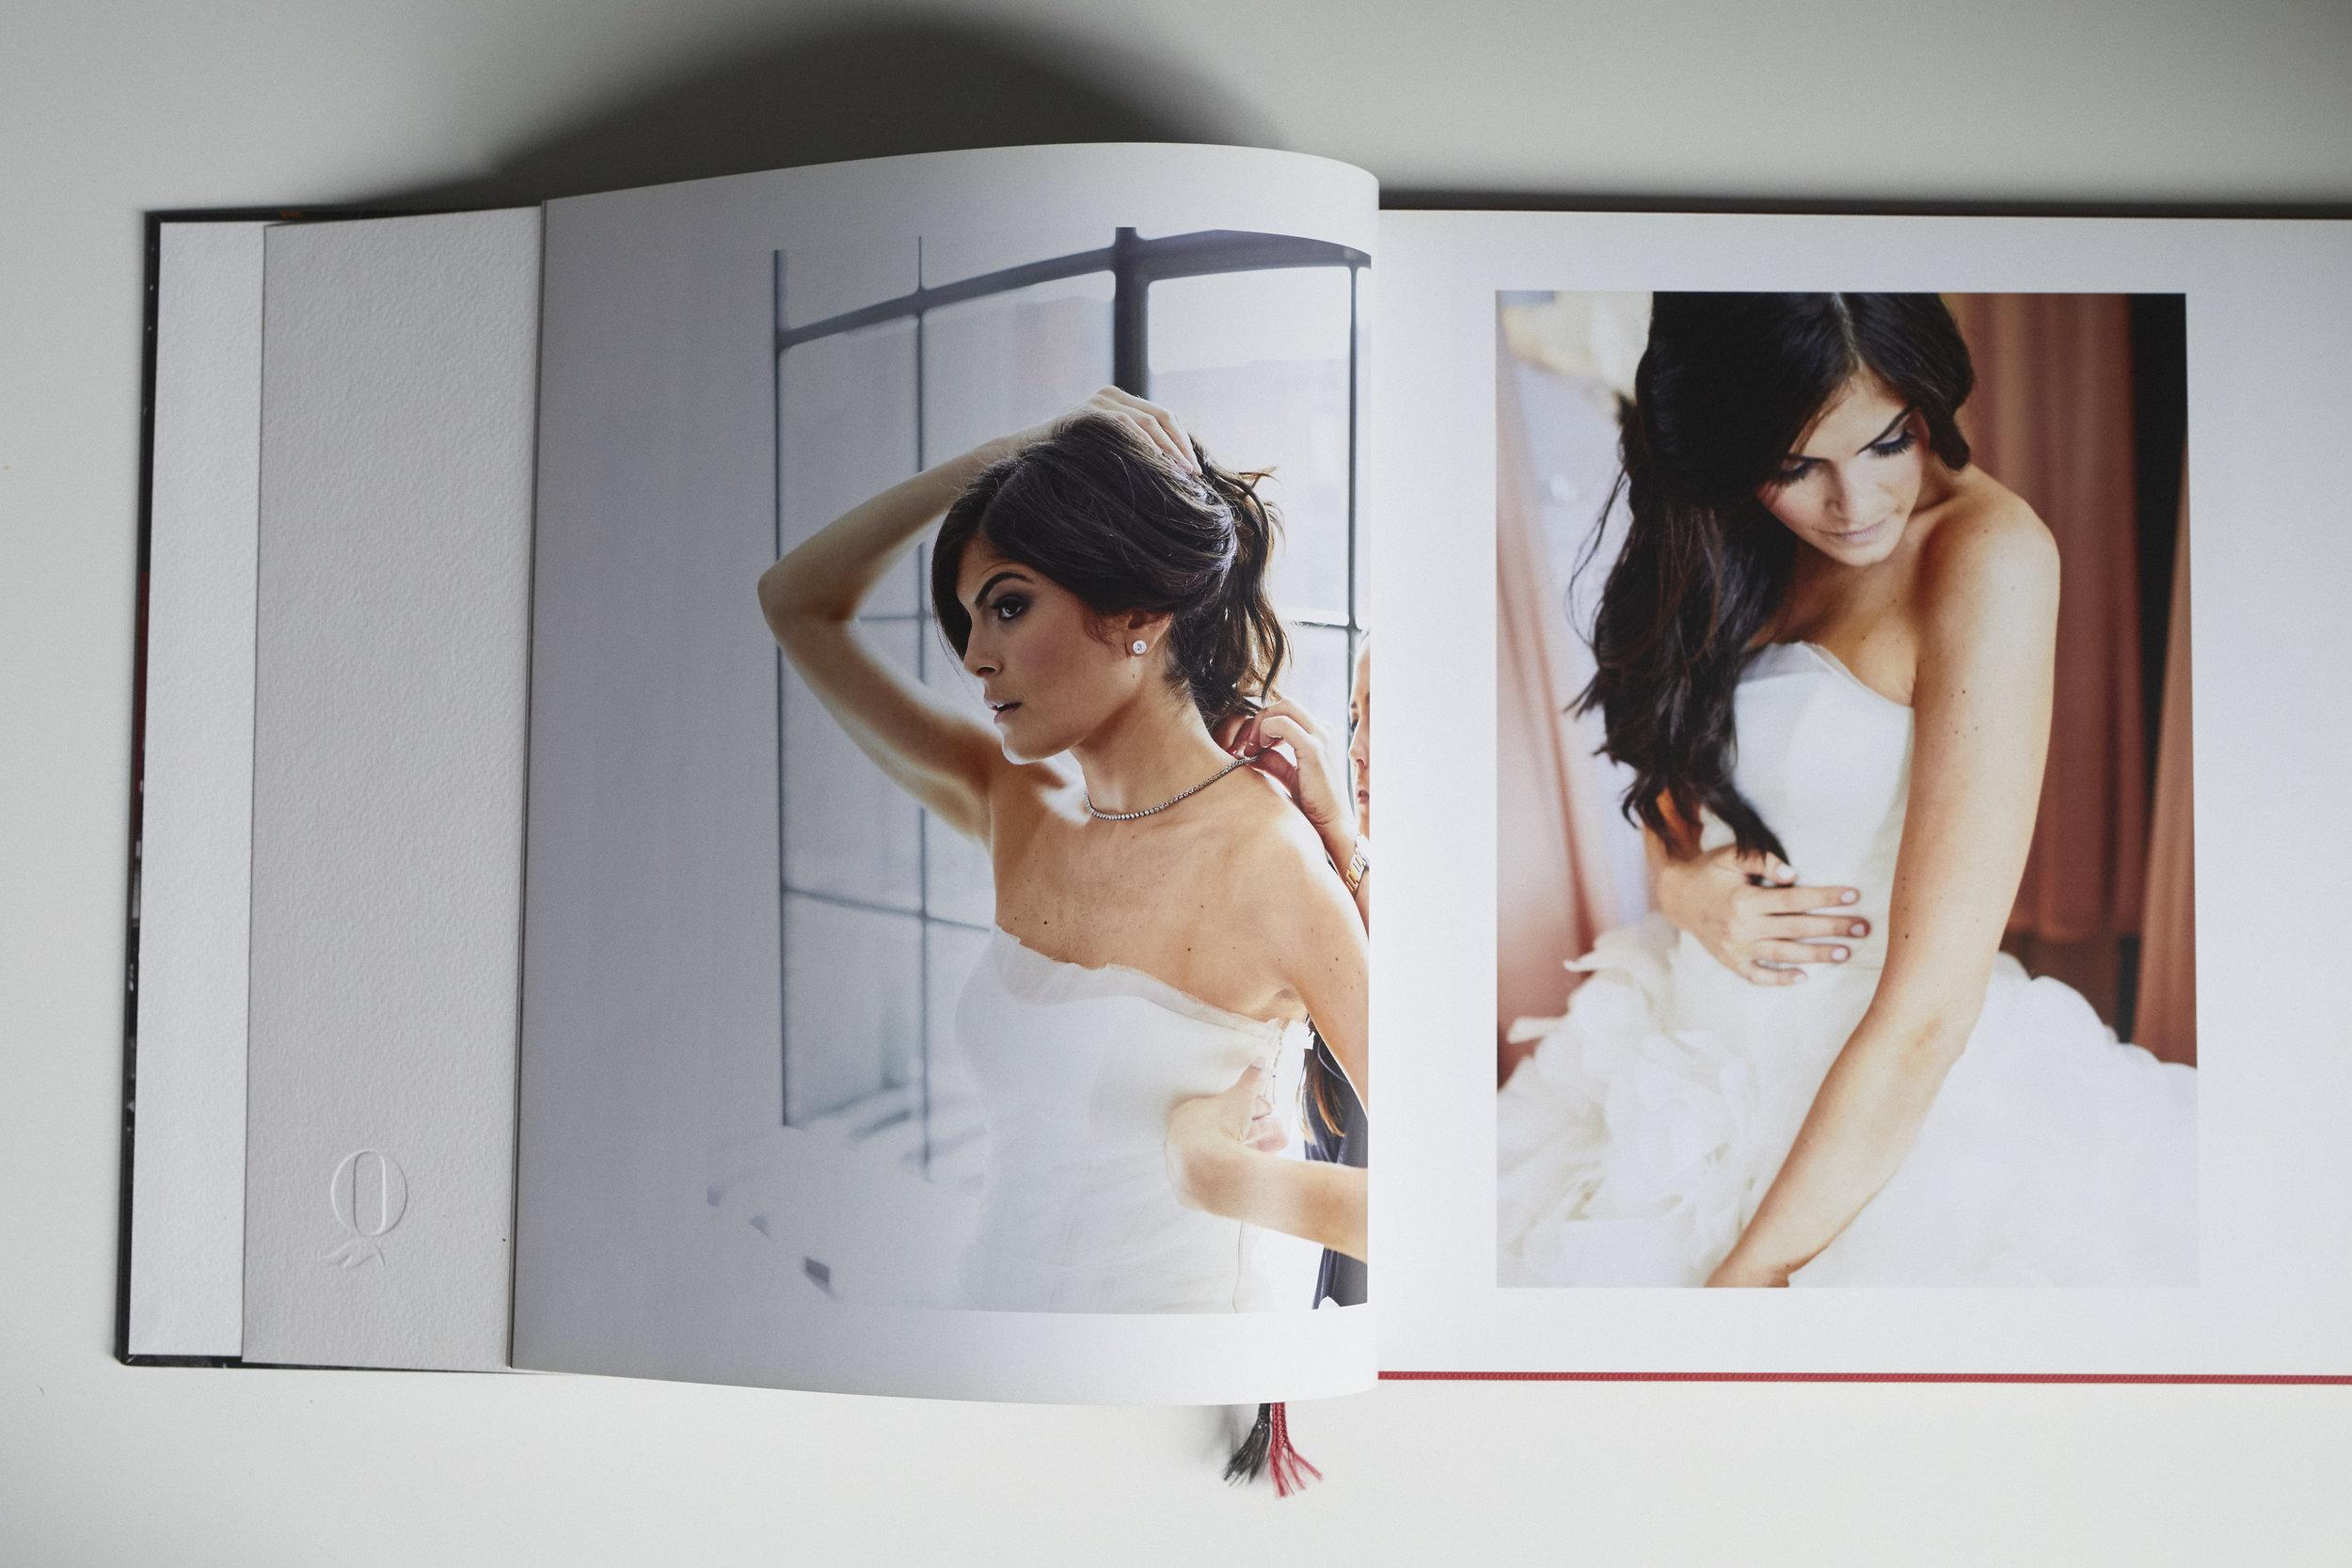 102_RWagner_Wedding_Queensberry_Album.jpg